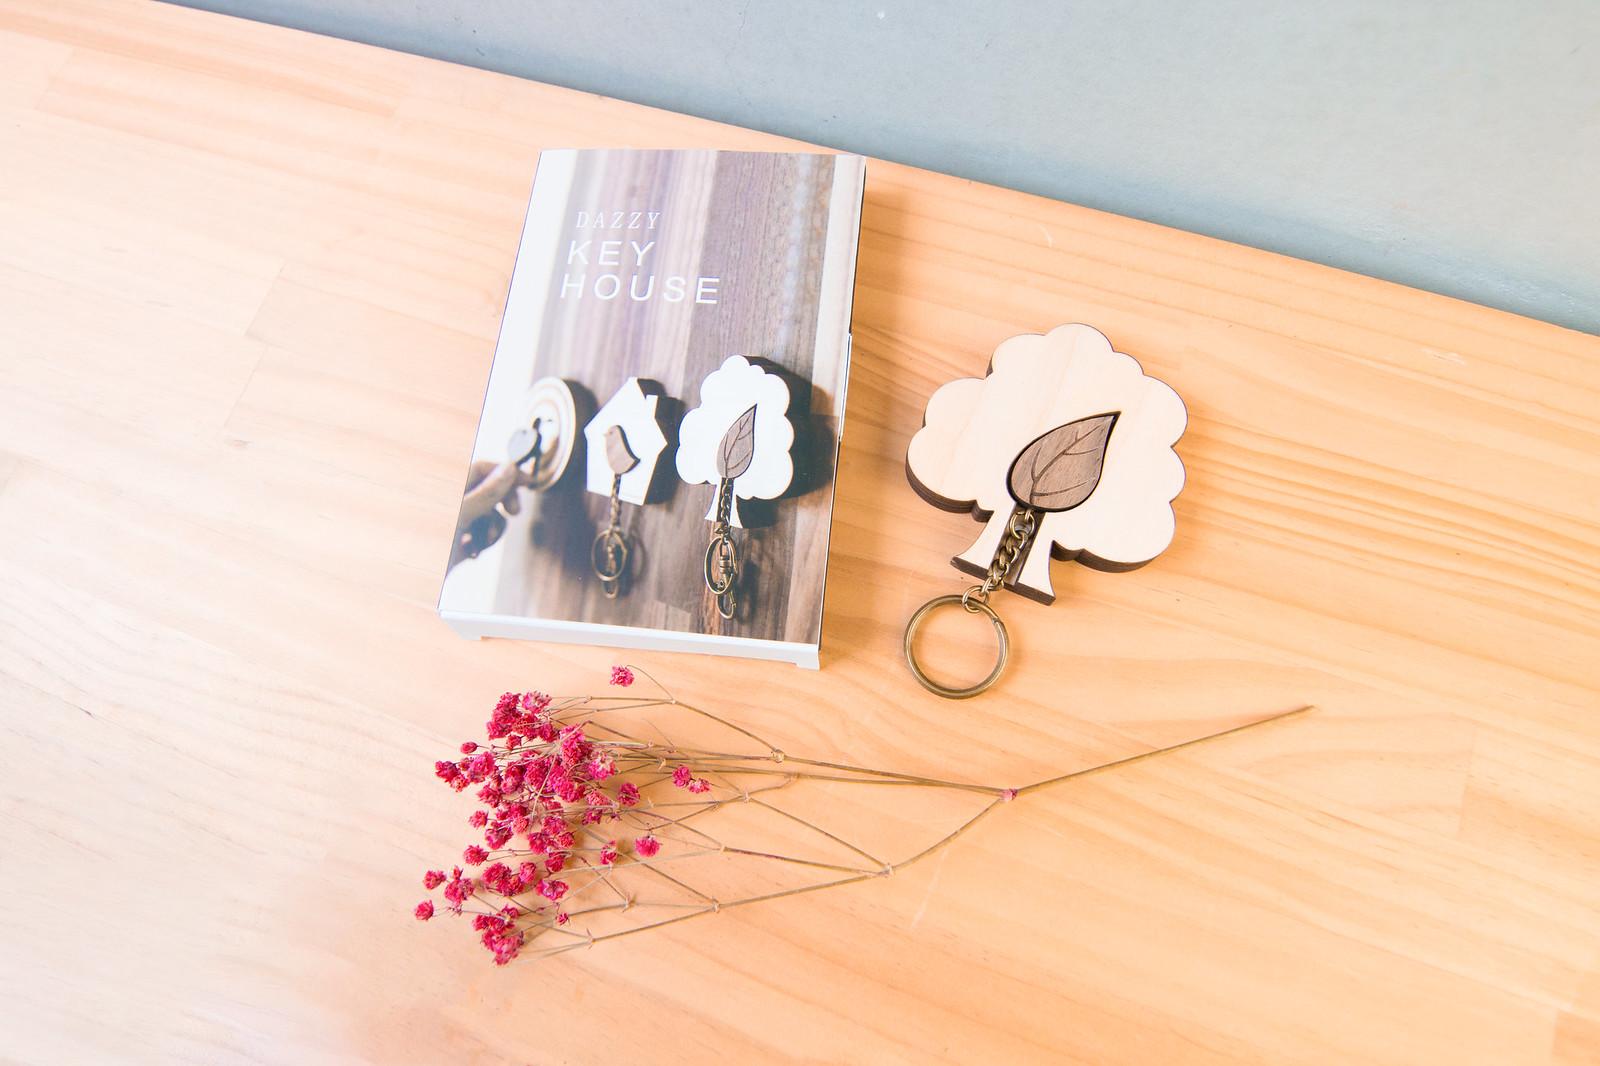 鑰匙圈 客製化 禮物 特色產品 居家 台灣設計 生日 情人節 情侶 葉子 婚禮 結婚 樹 壁掛 簡約 多肉 玄關 療癒 聖誕節 收納 裝飾 吊飾 送禮 中性 木 楓木 胡桃木 鑰匙